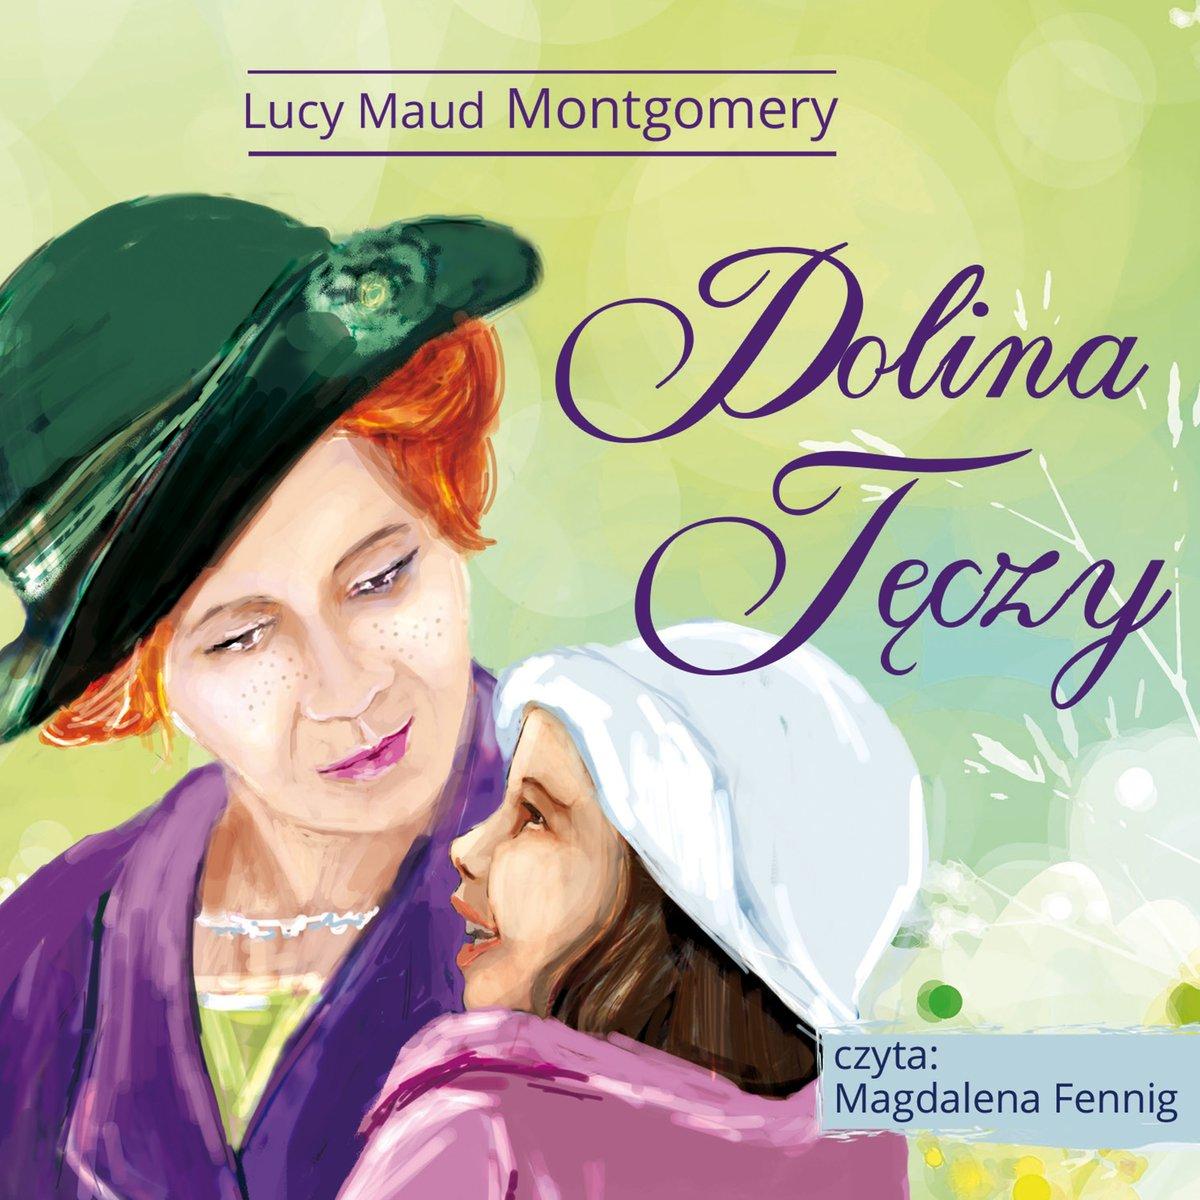 Montgomery Lucy Maud – Dolina Tęczy